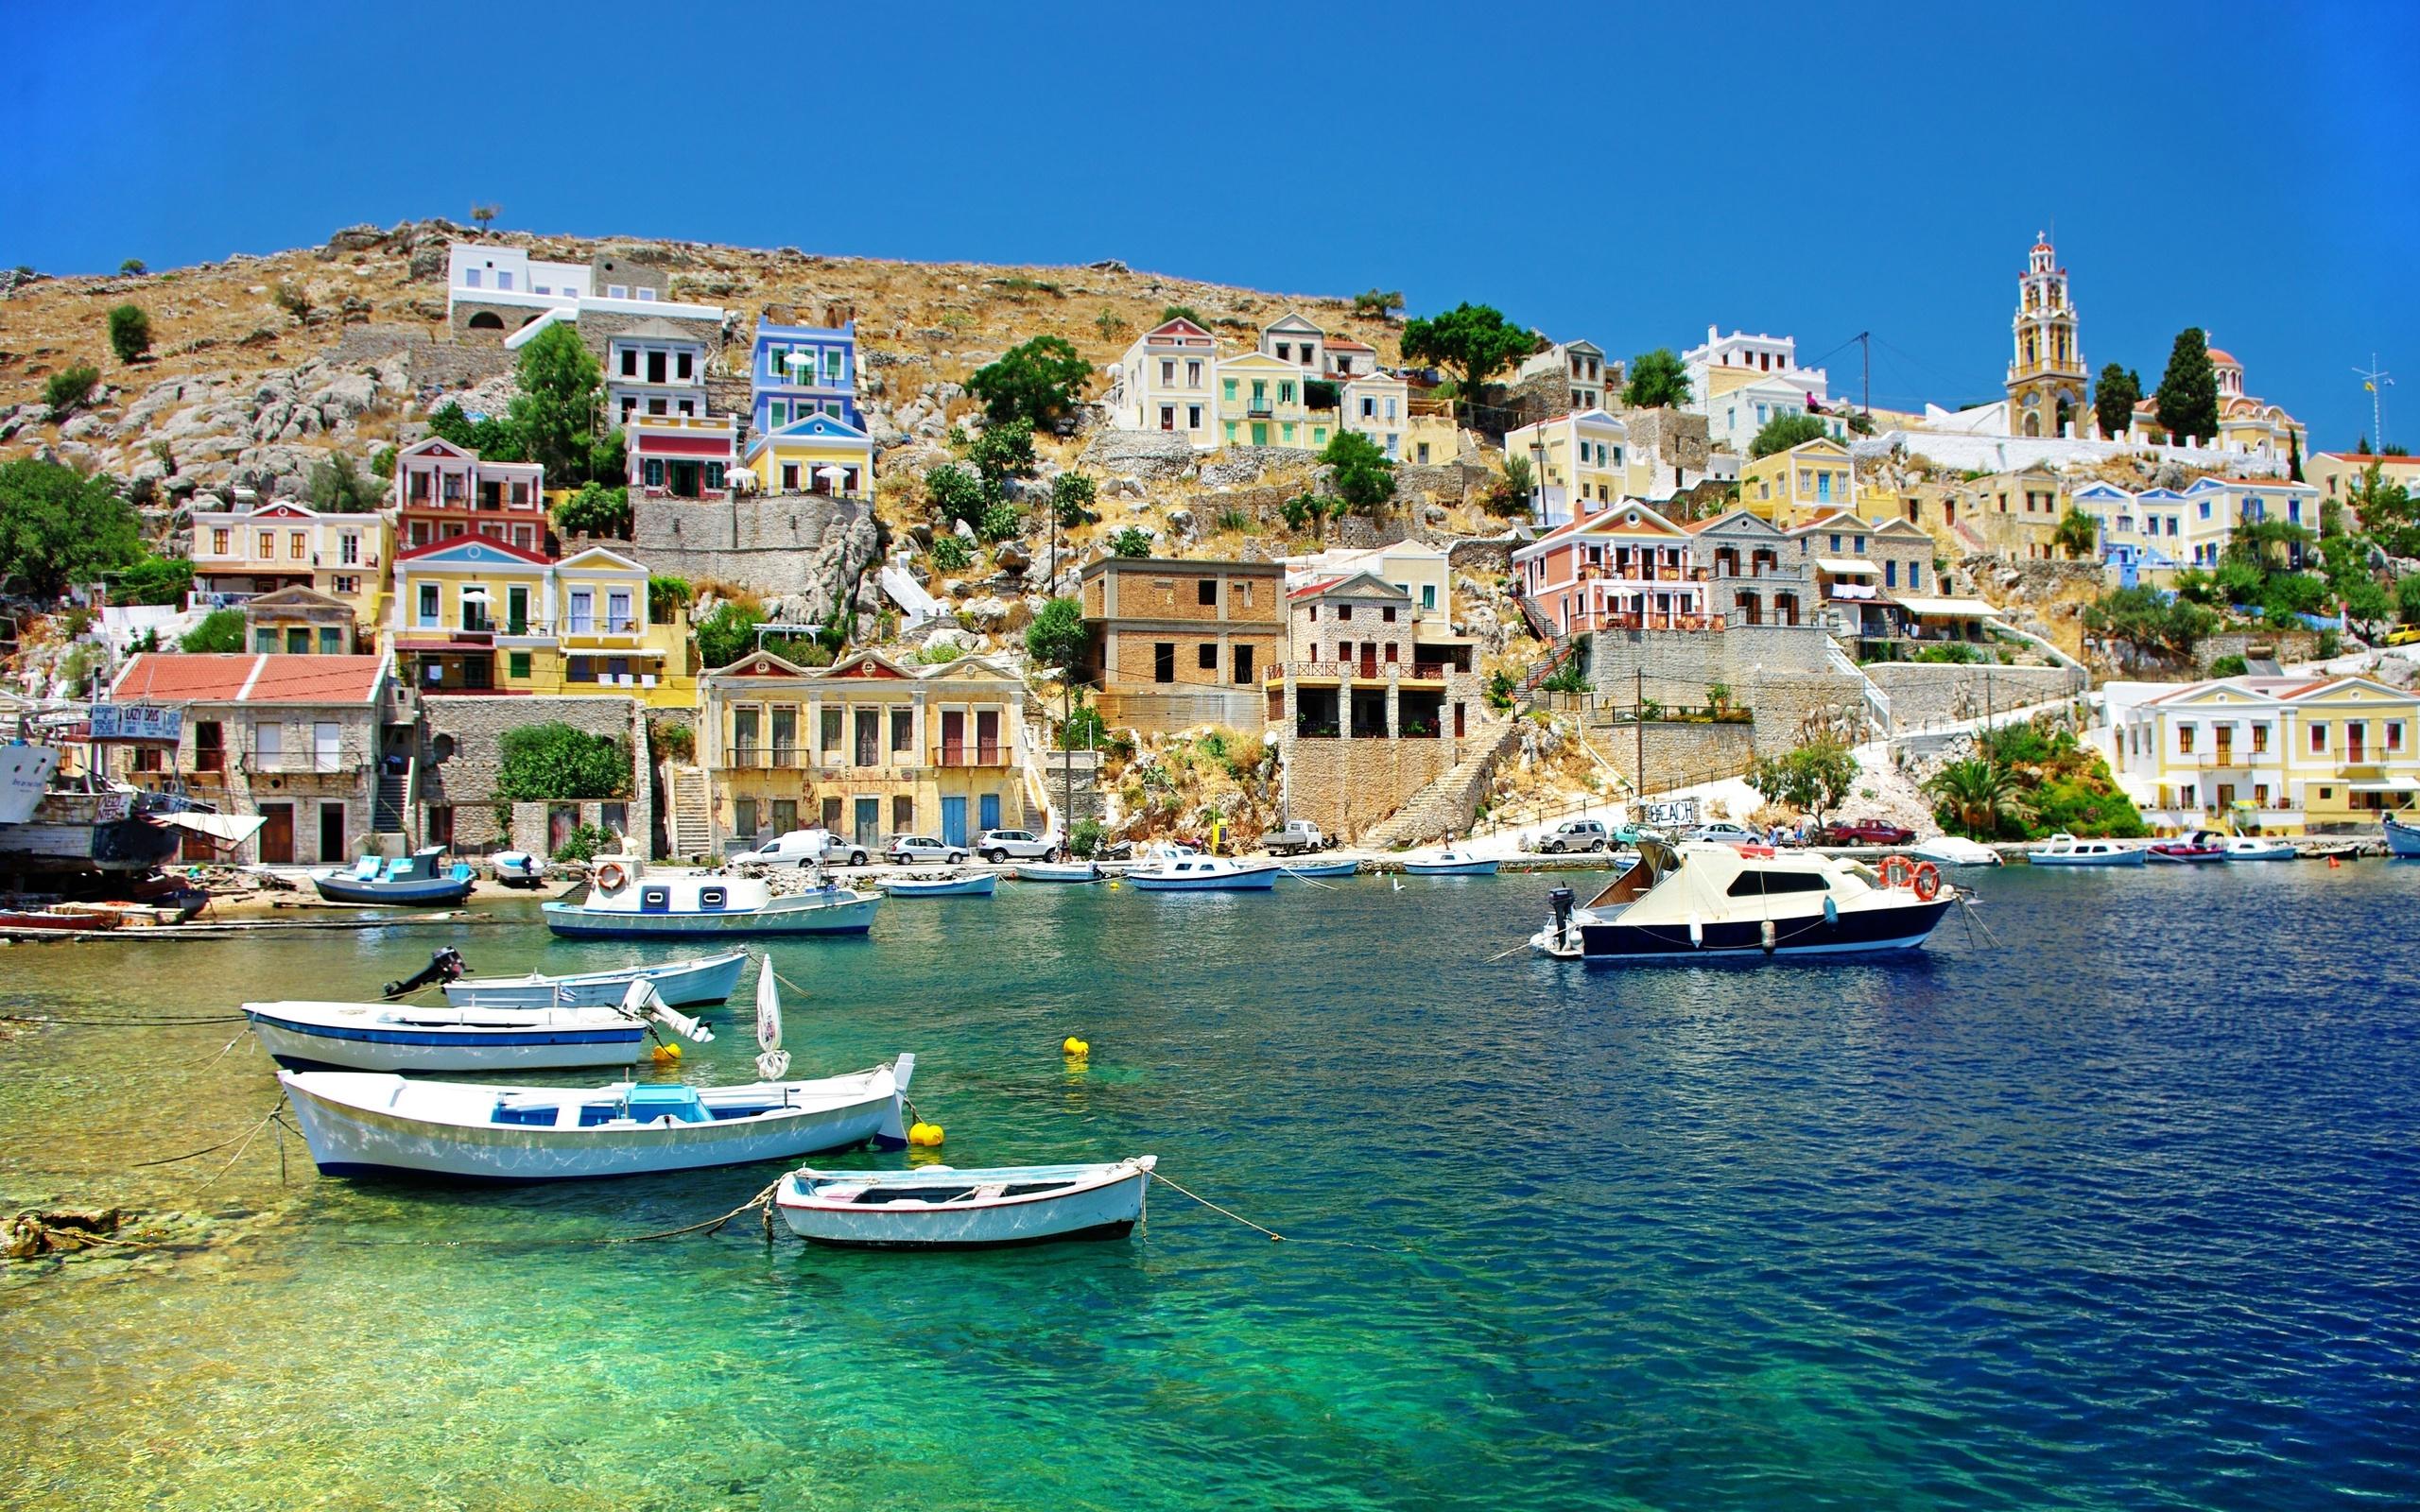 Горящие туры из Питера в Грецию на 3 ночи всего от 8700 рублей